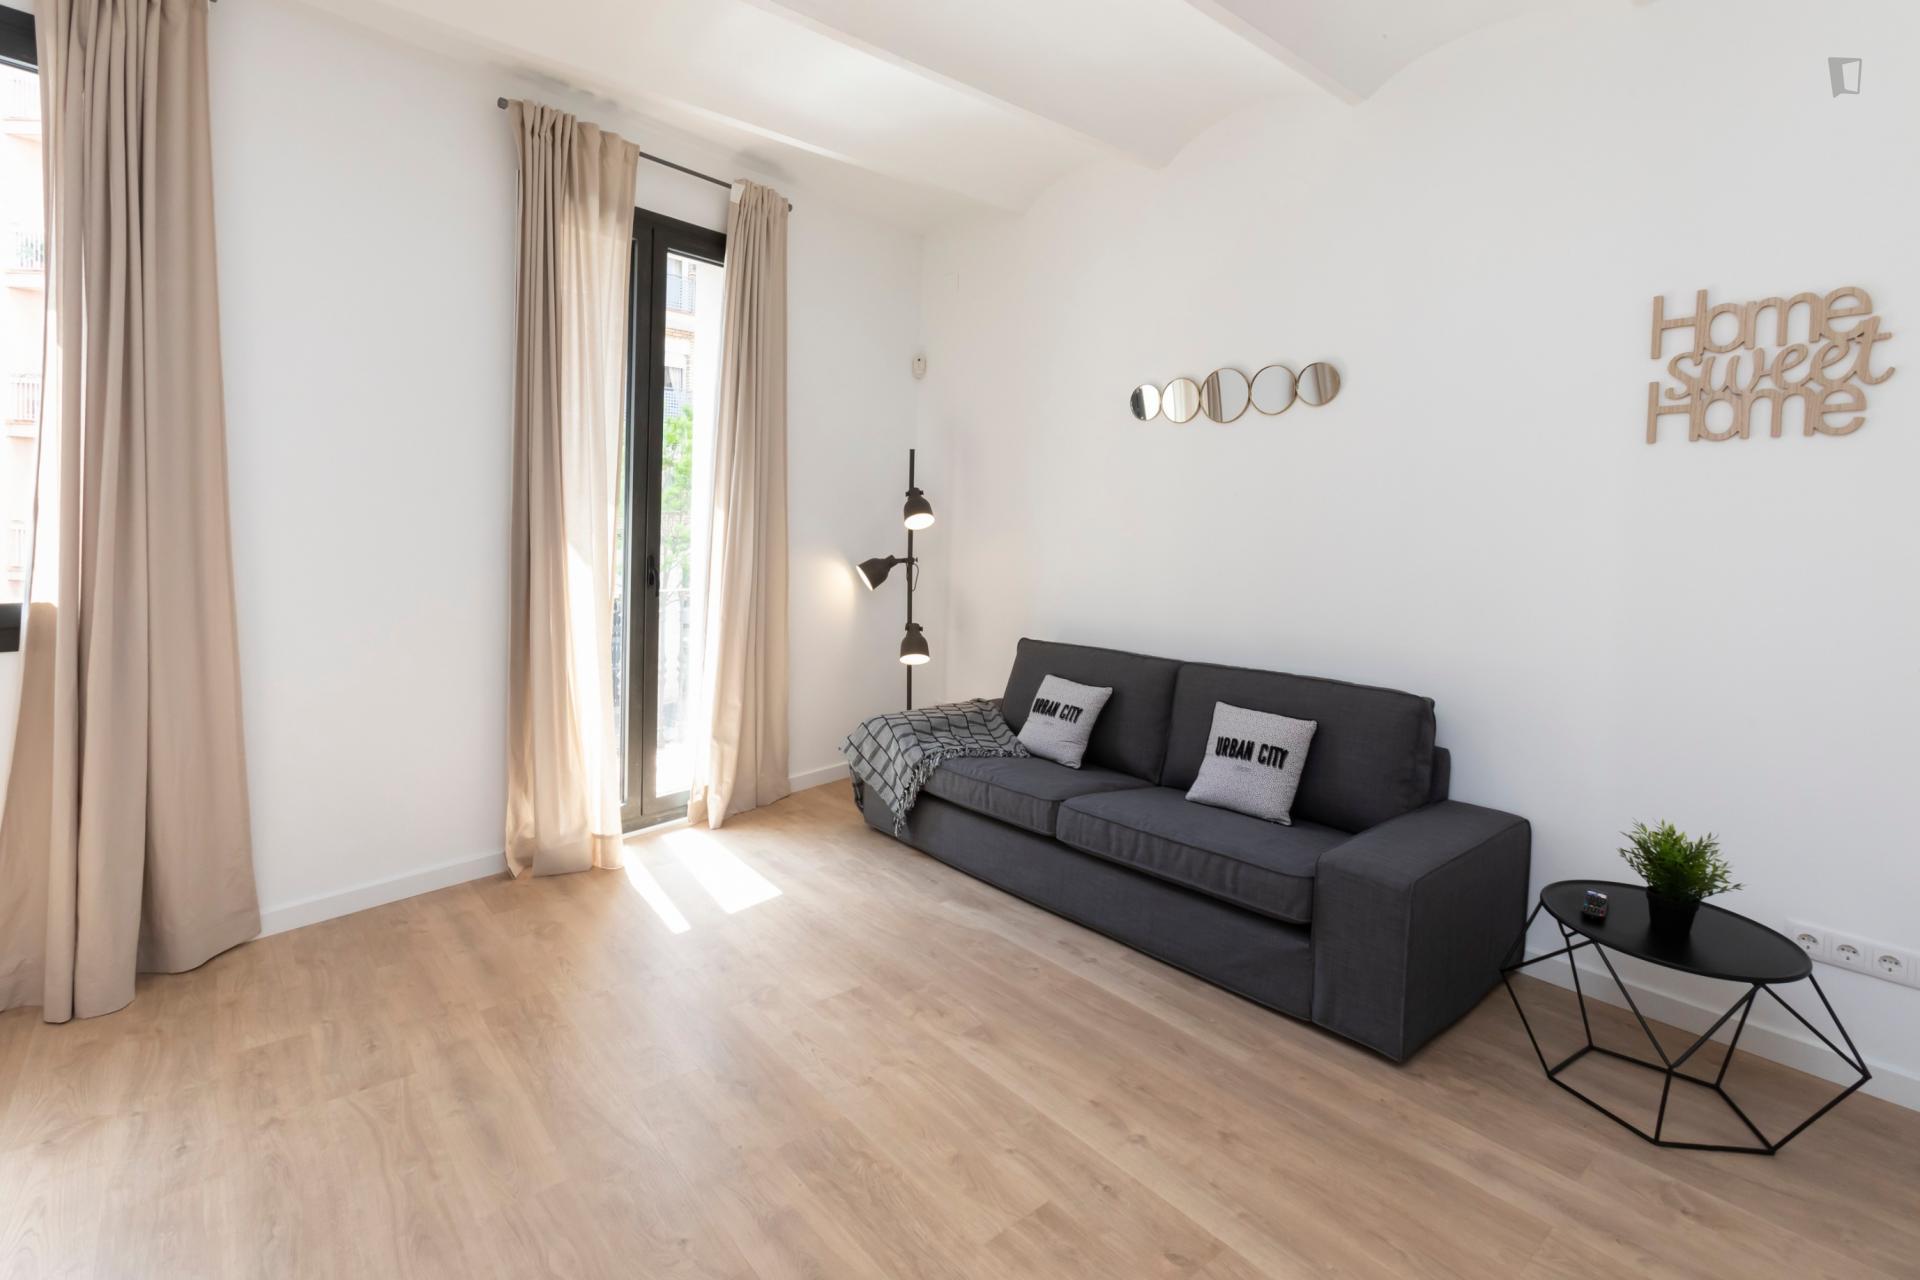 Llobregat - Habitación doble cerca de Barcelona